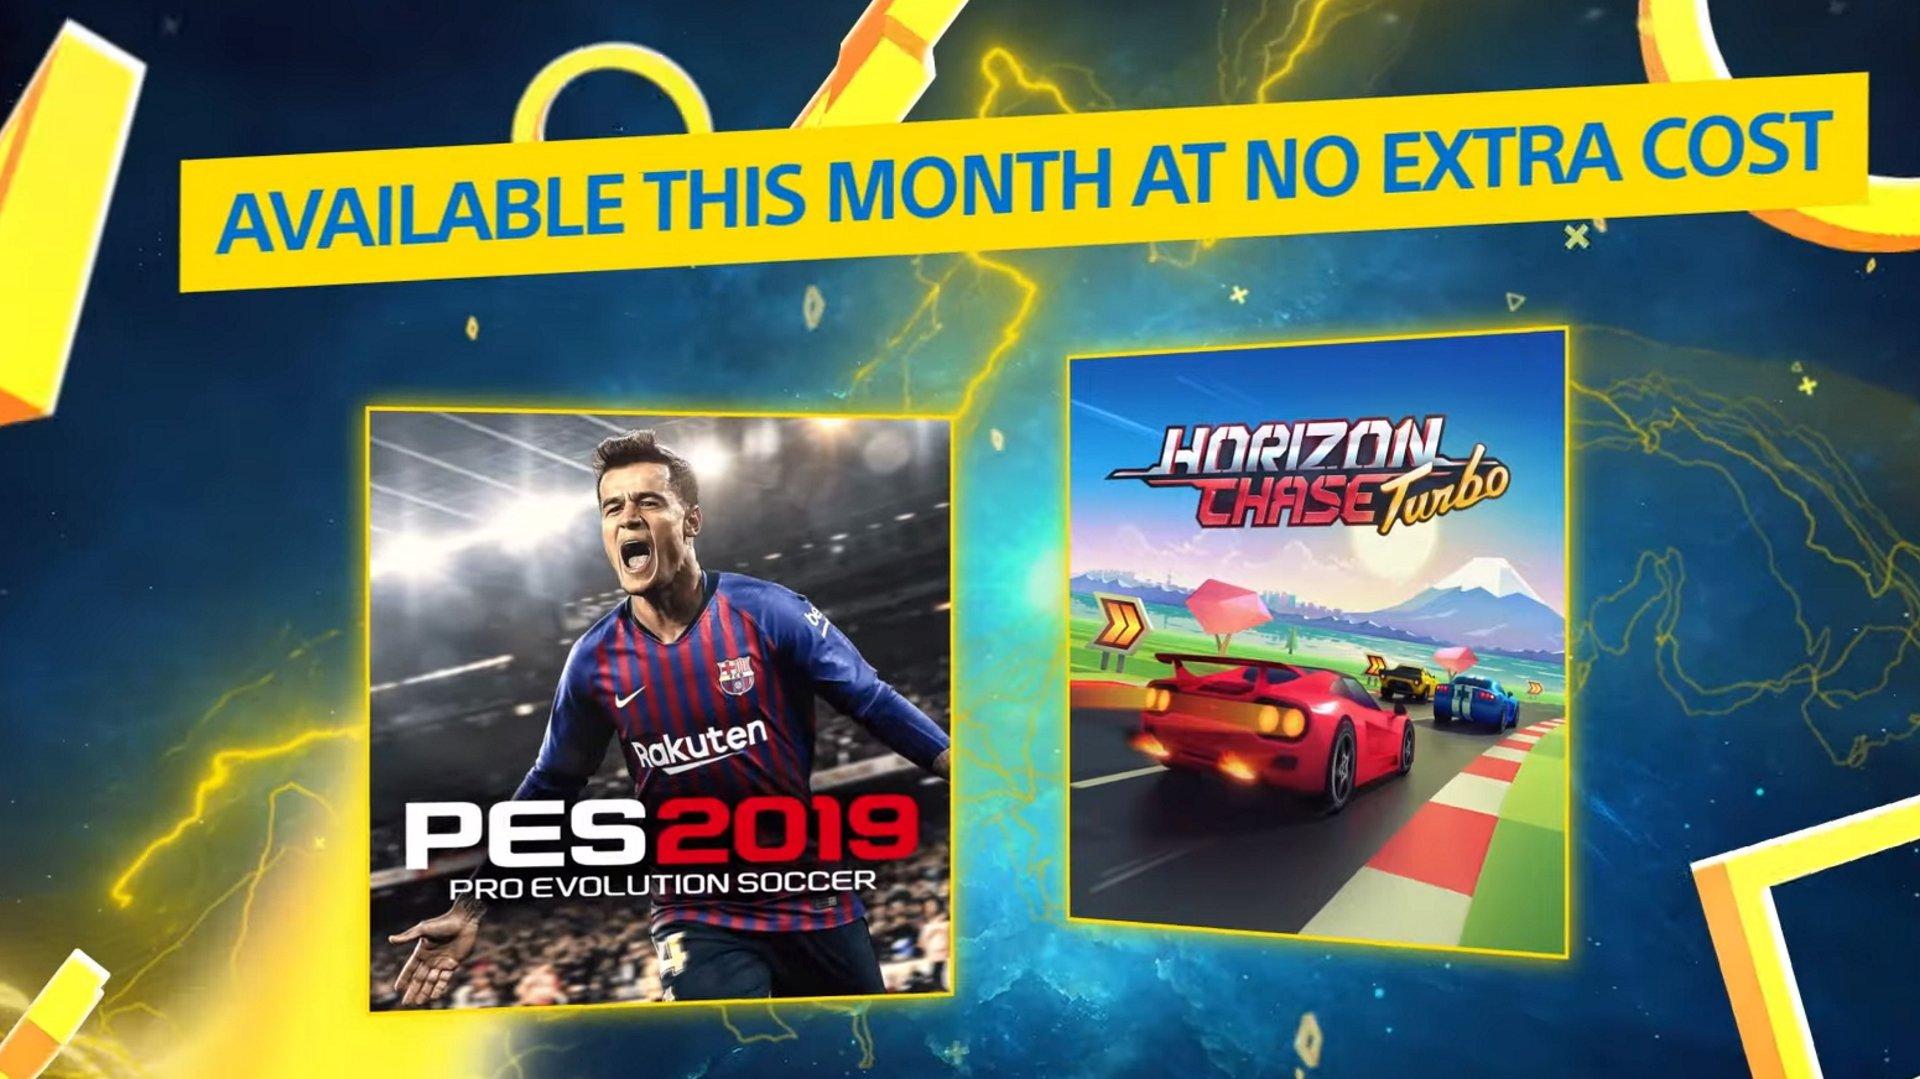 Les jeux PS Plus pour juillet sont annoncés sous le nom de PES 2019 et Horizon Chase Turbo.